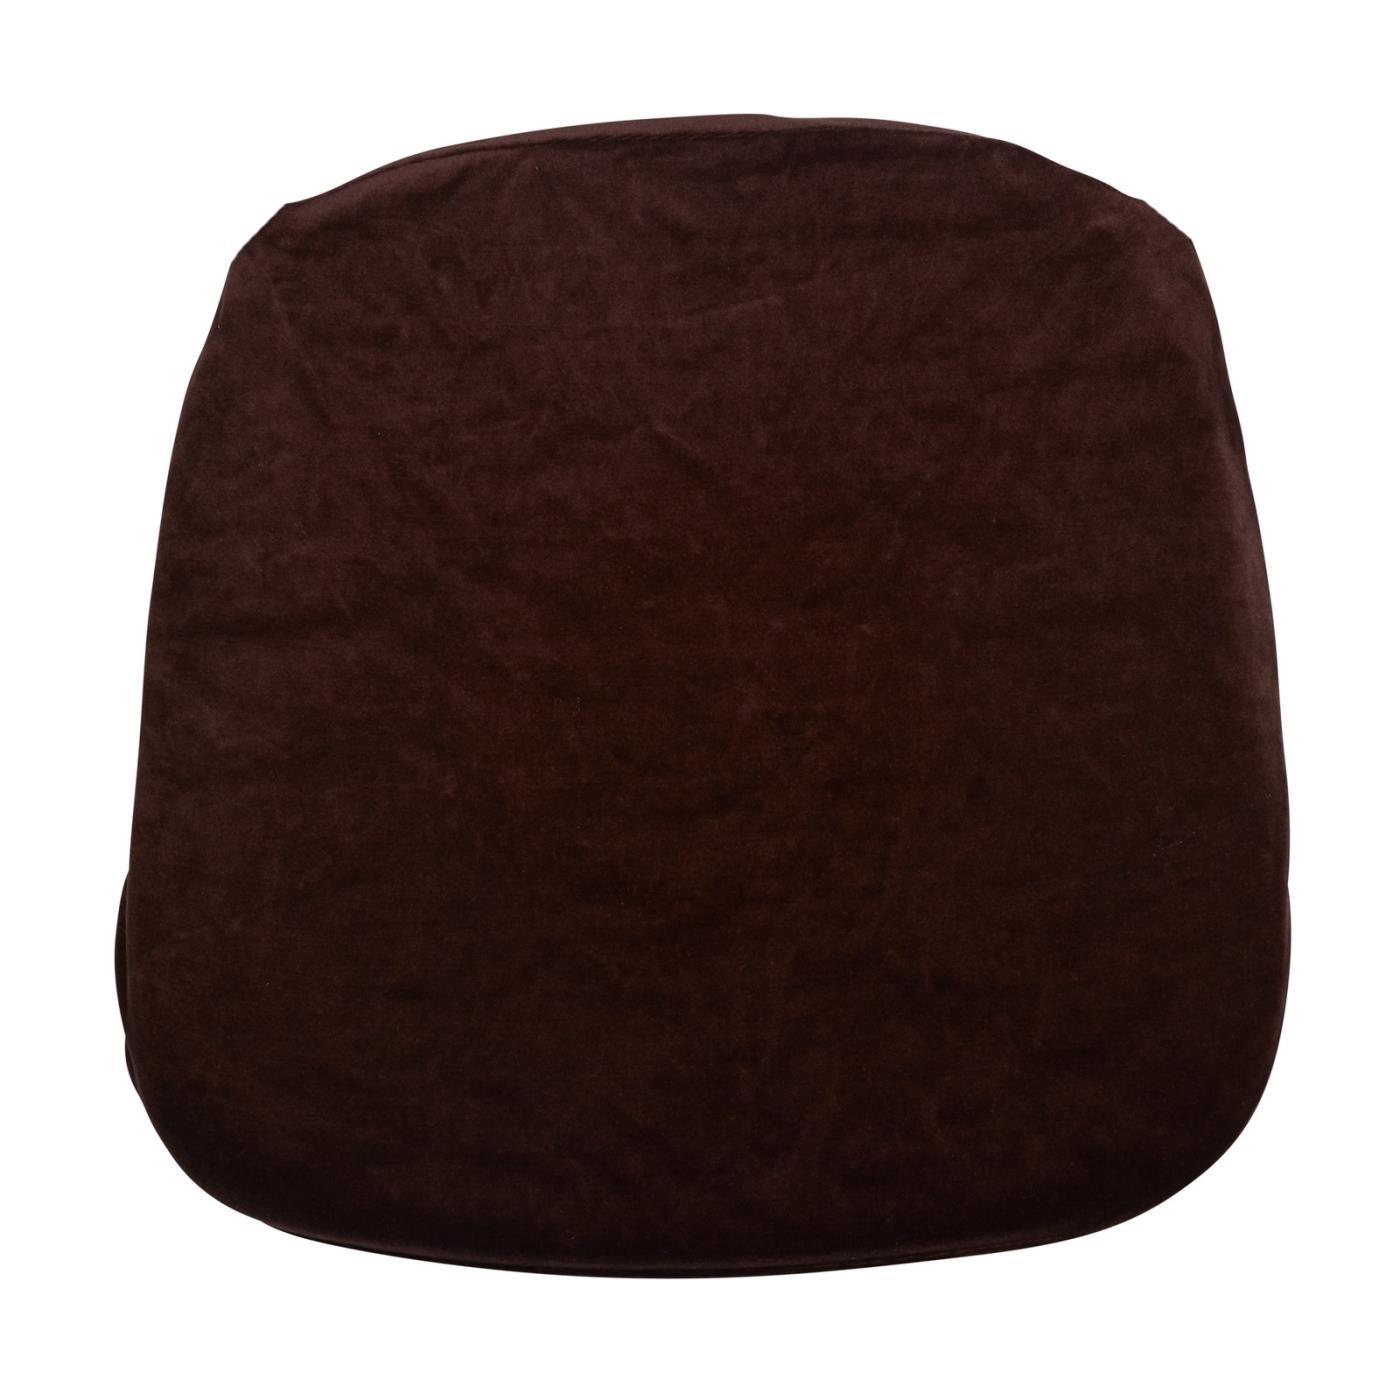 Velvet Seat Cushion - Brown